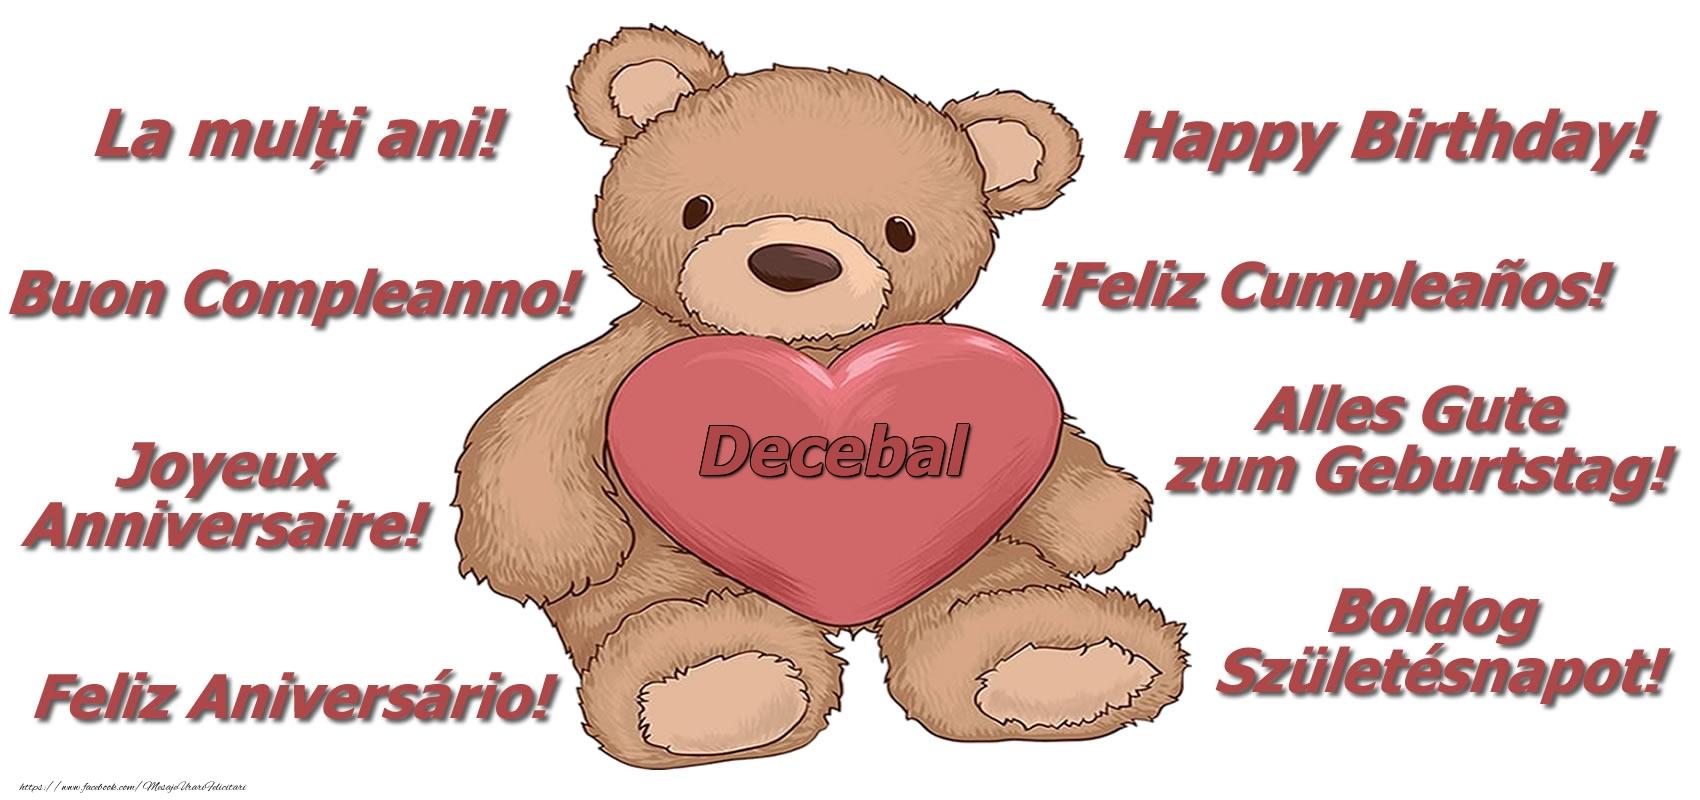 Felicitari de zi de nastere - La multi ani Decebal! - Ursulet